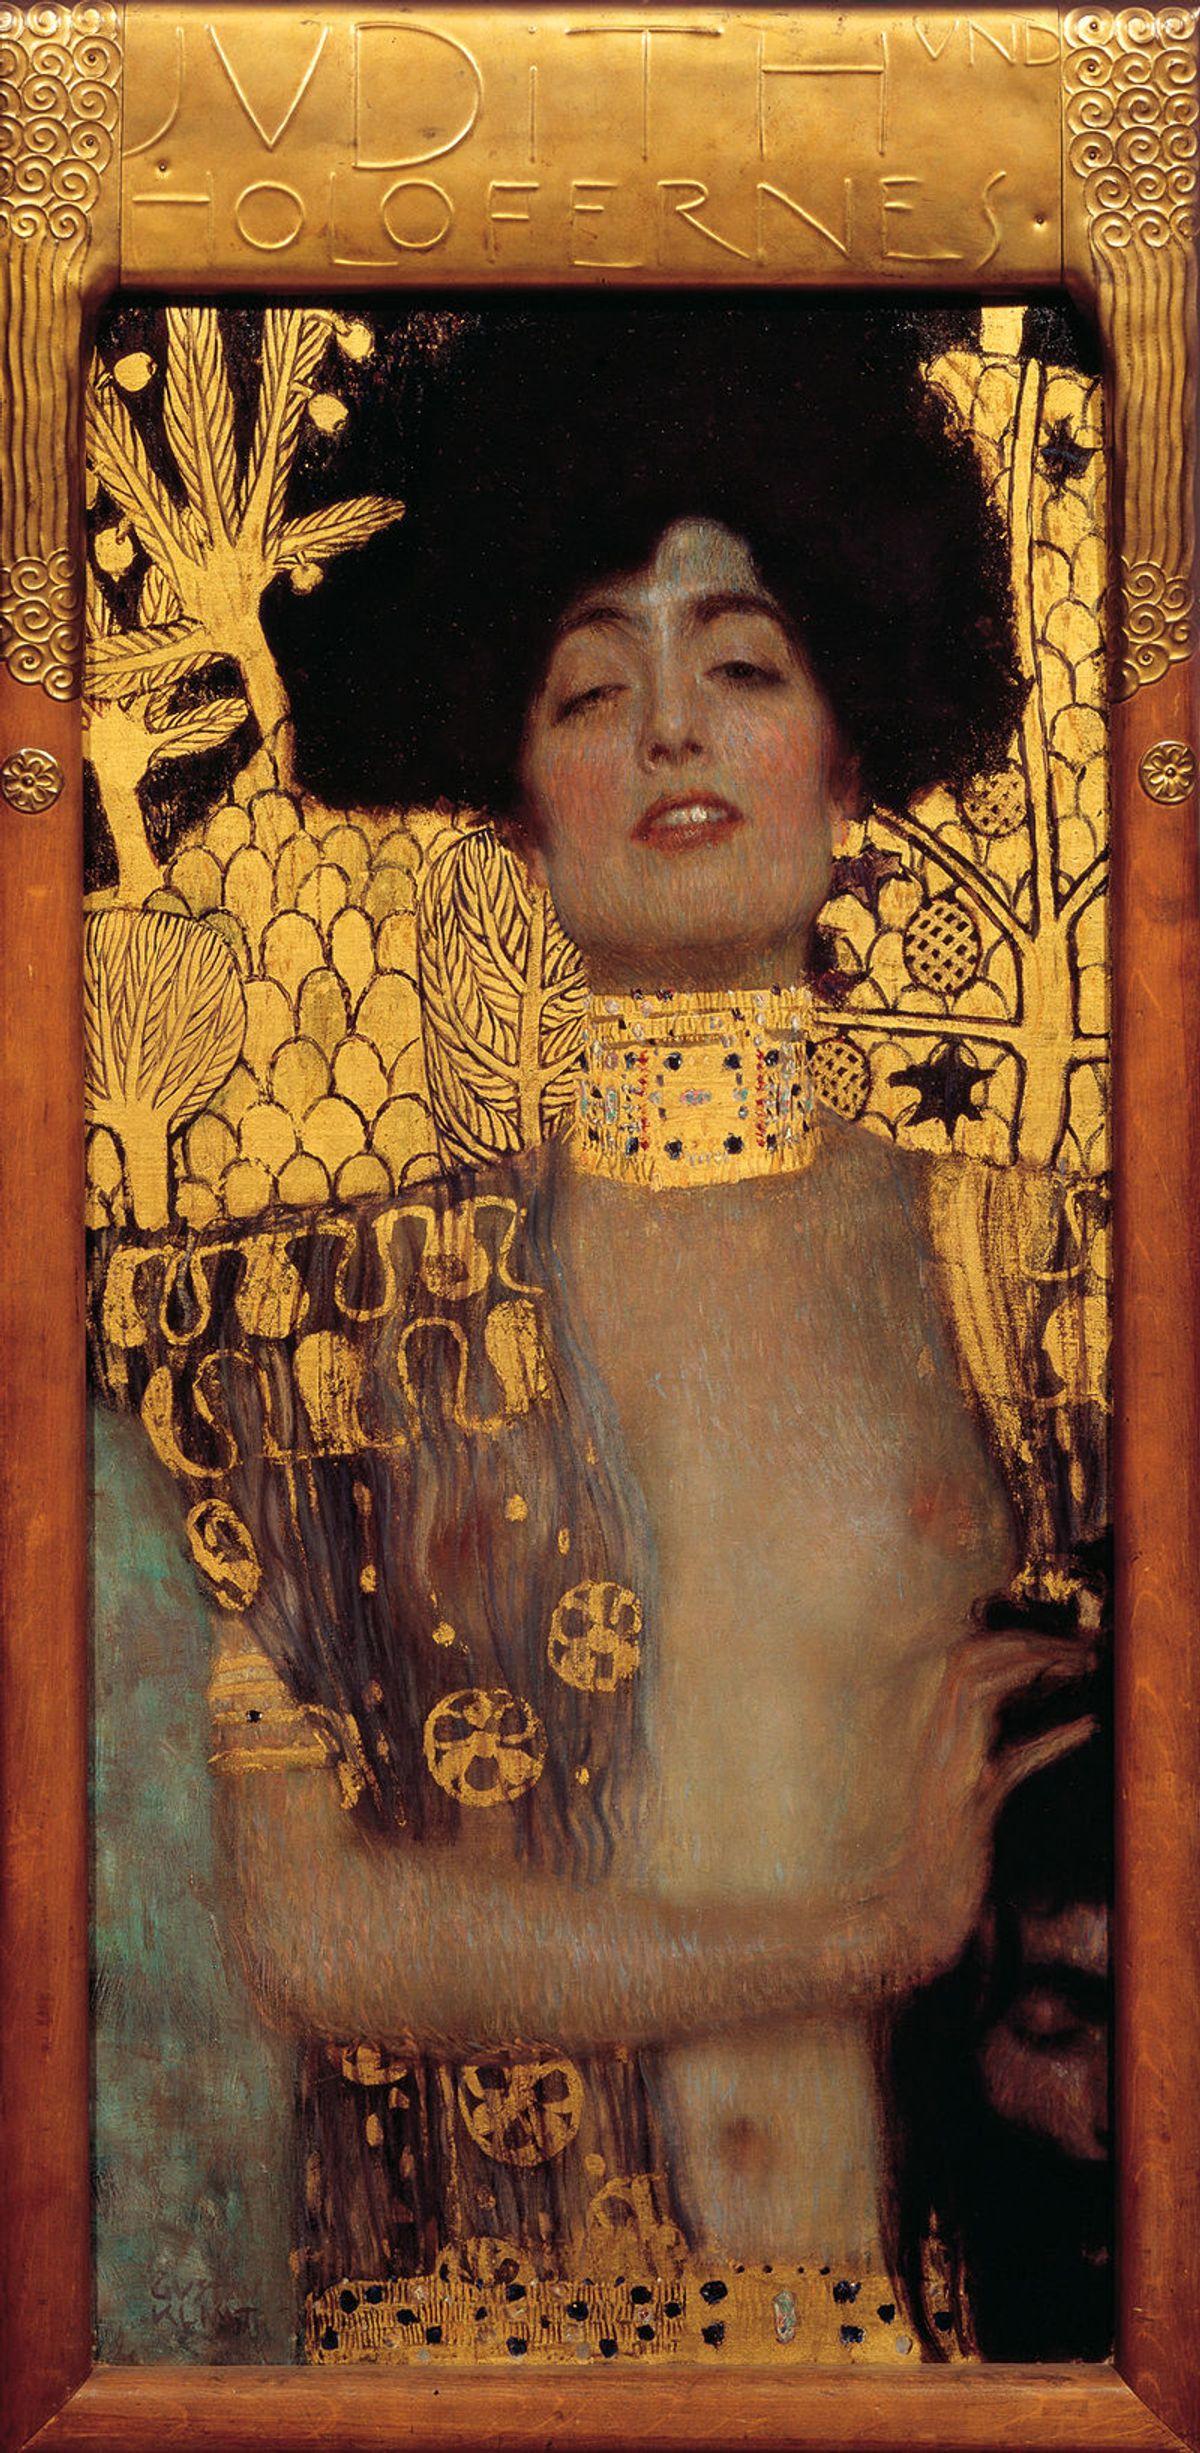 Gustav_Klimt_039